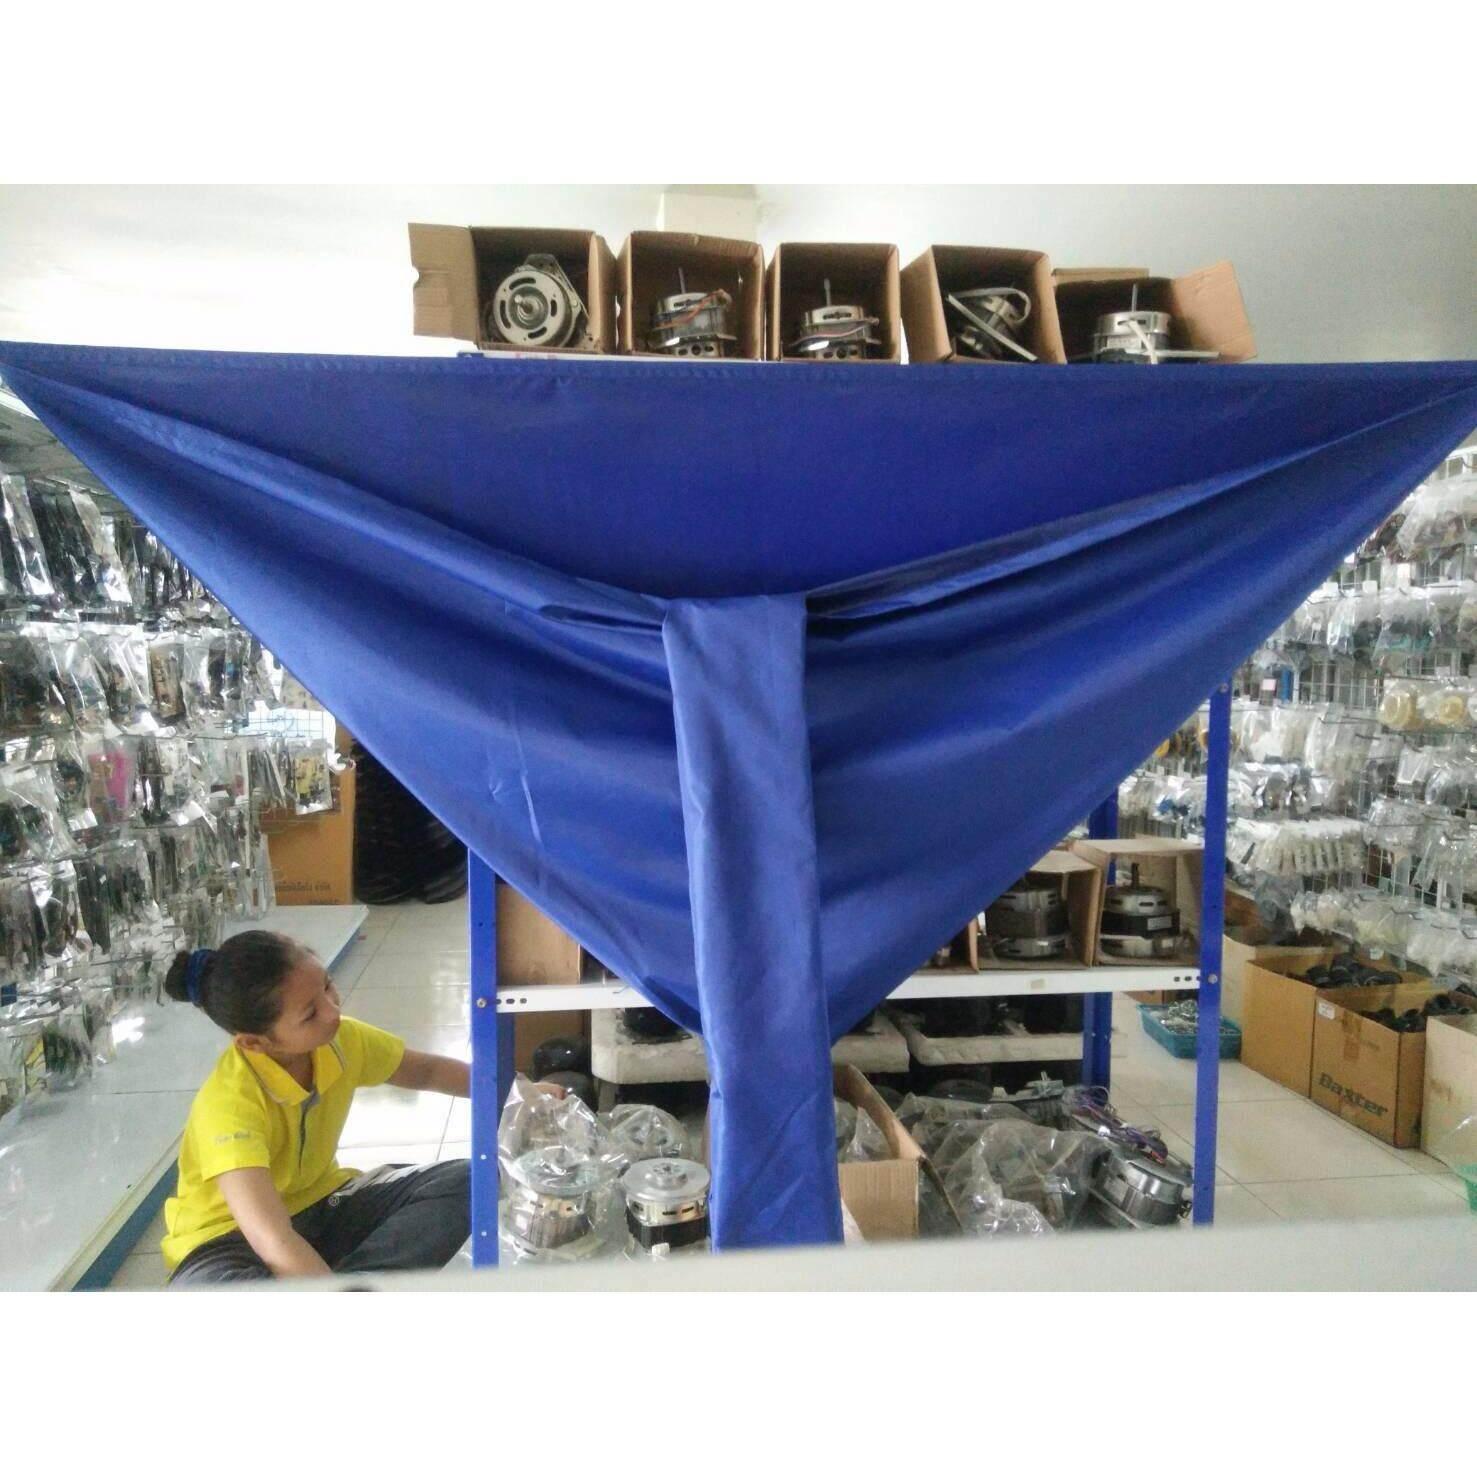 ขาย ผ้าใบล้างแอร์ Cct ขนาด 2X3 เมตร ไทย ถูก